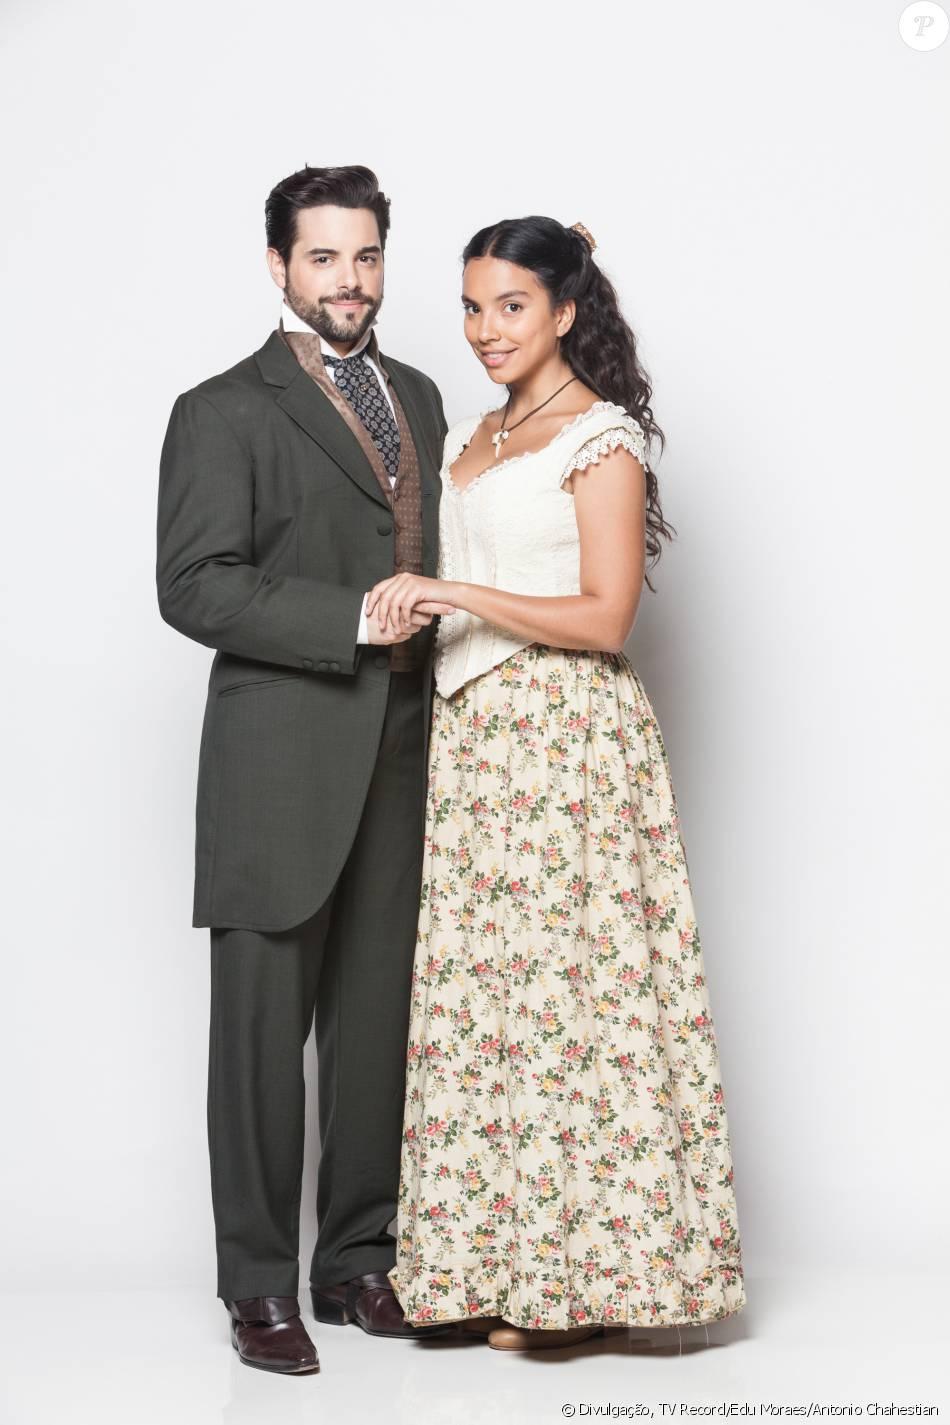 Miguel (Pedro Carvalho) e Juliana (Gabriela Moreyra) são os protagonistas da novela 'Escrava Mãe', que estreia nesta terça-feira, 31 de maio de 2016